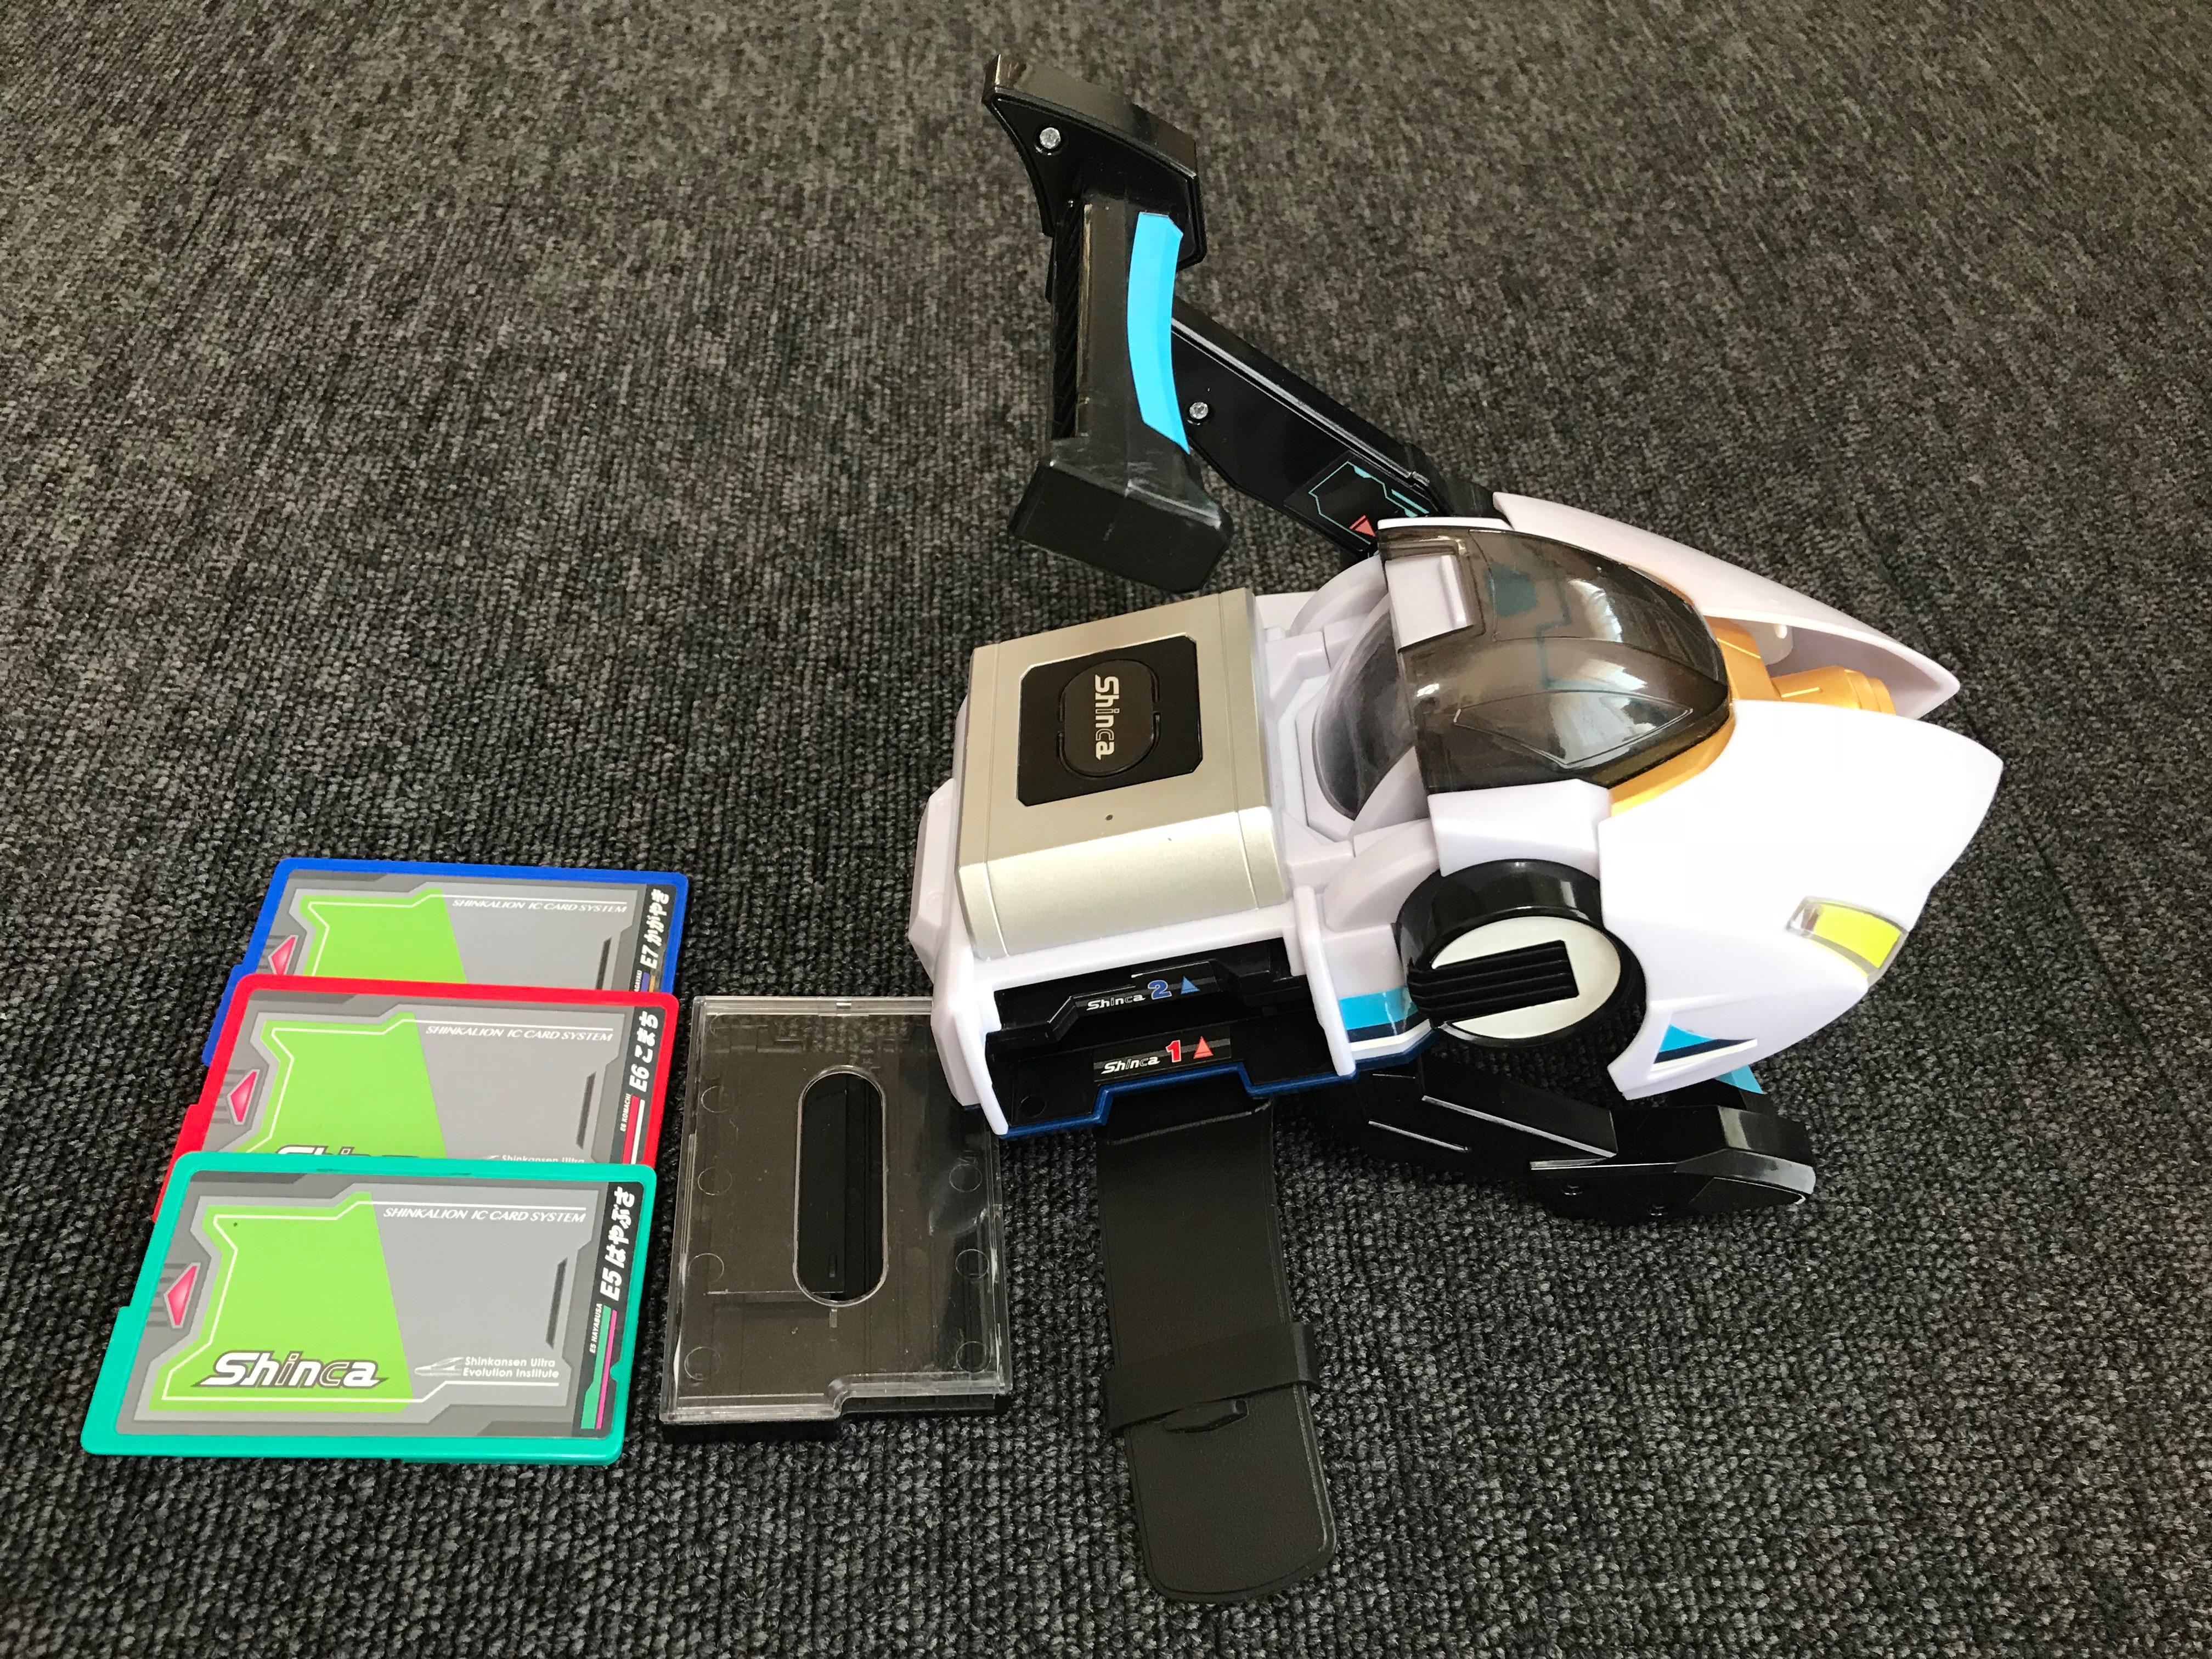 新幹線変形ロボ シンカリオンのおもちゃ「シンカギア 」をレビュー!